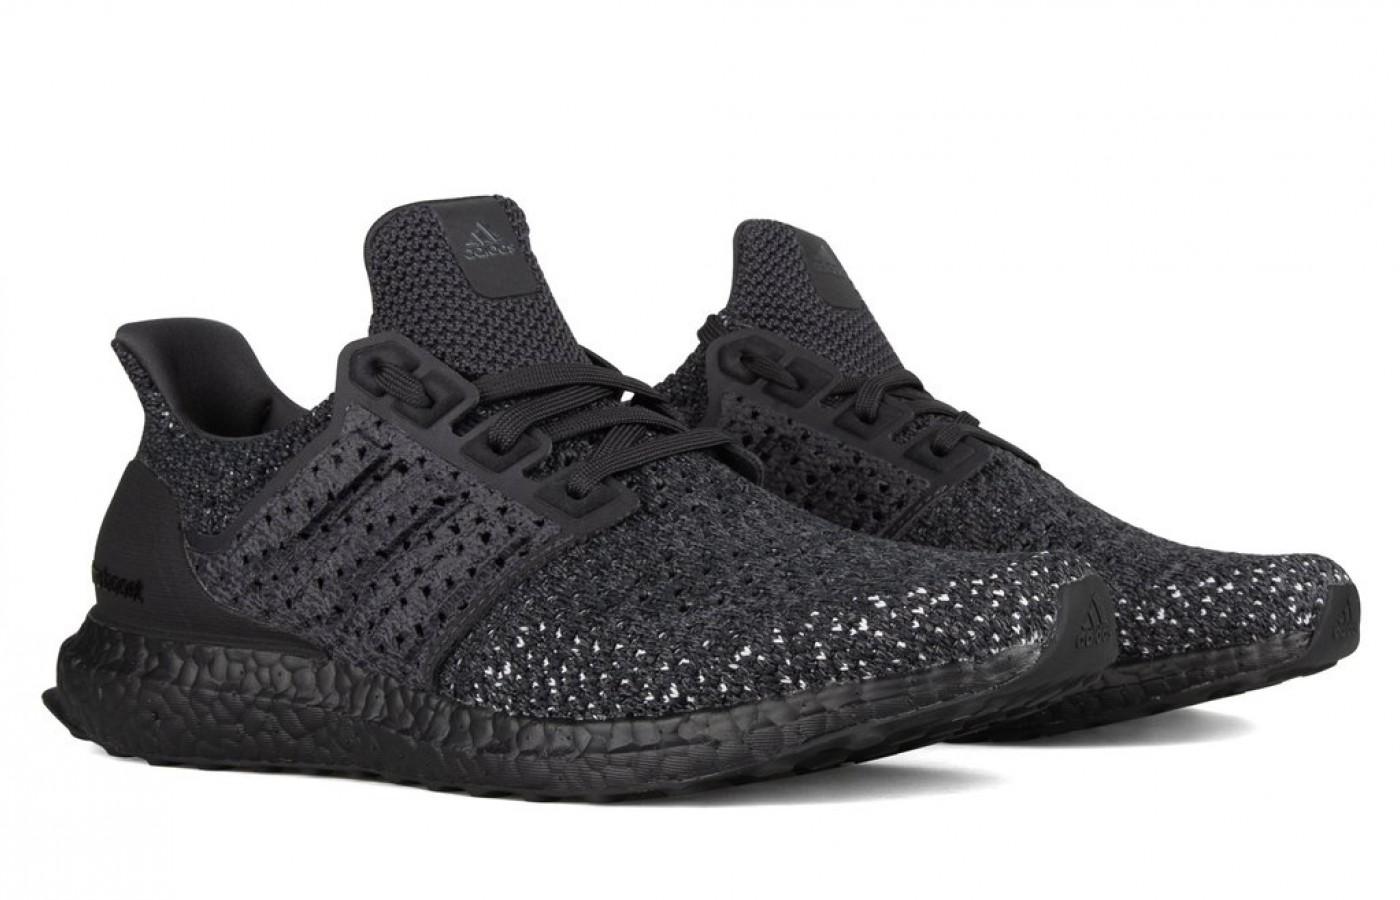 new concept 6a1f3 70e5f Adidas UltraBoost Clima